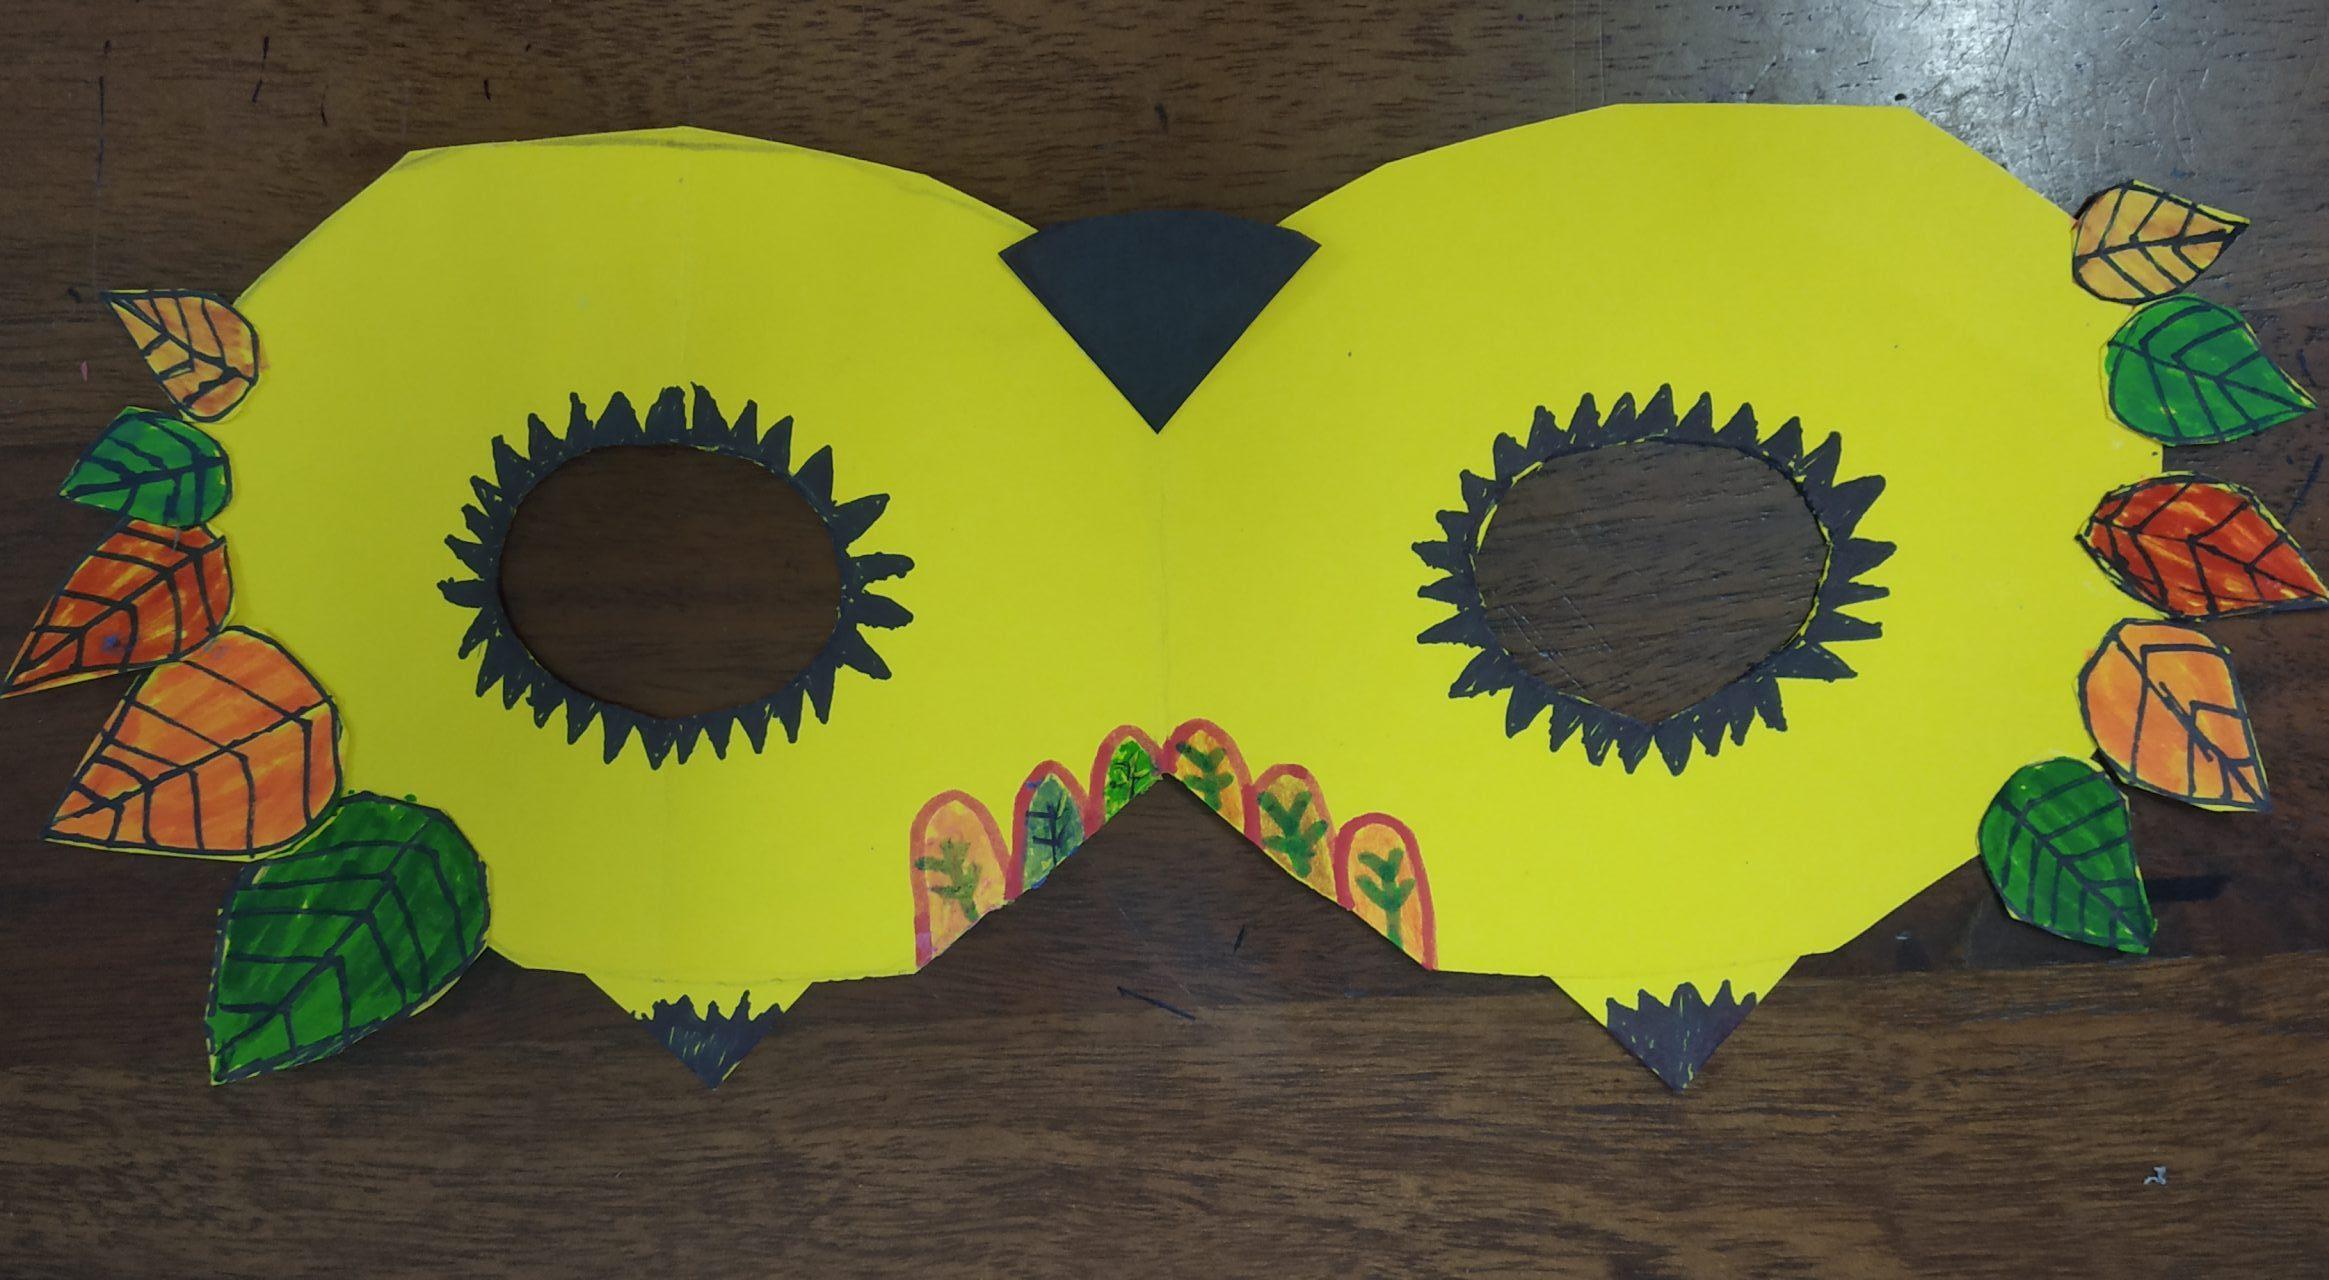 Image depicting Mask